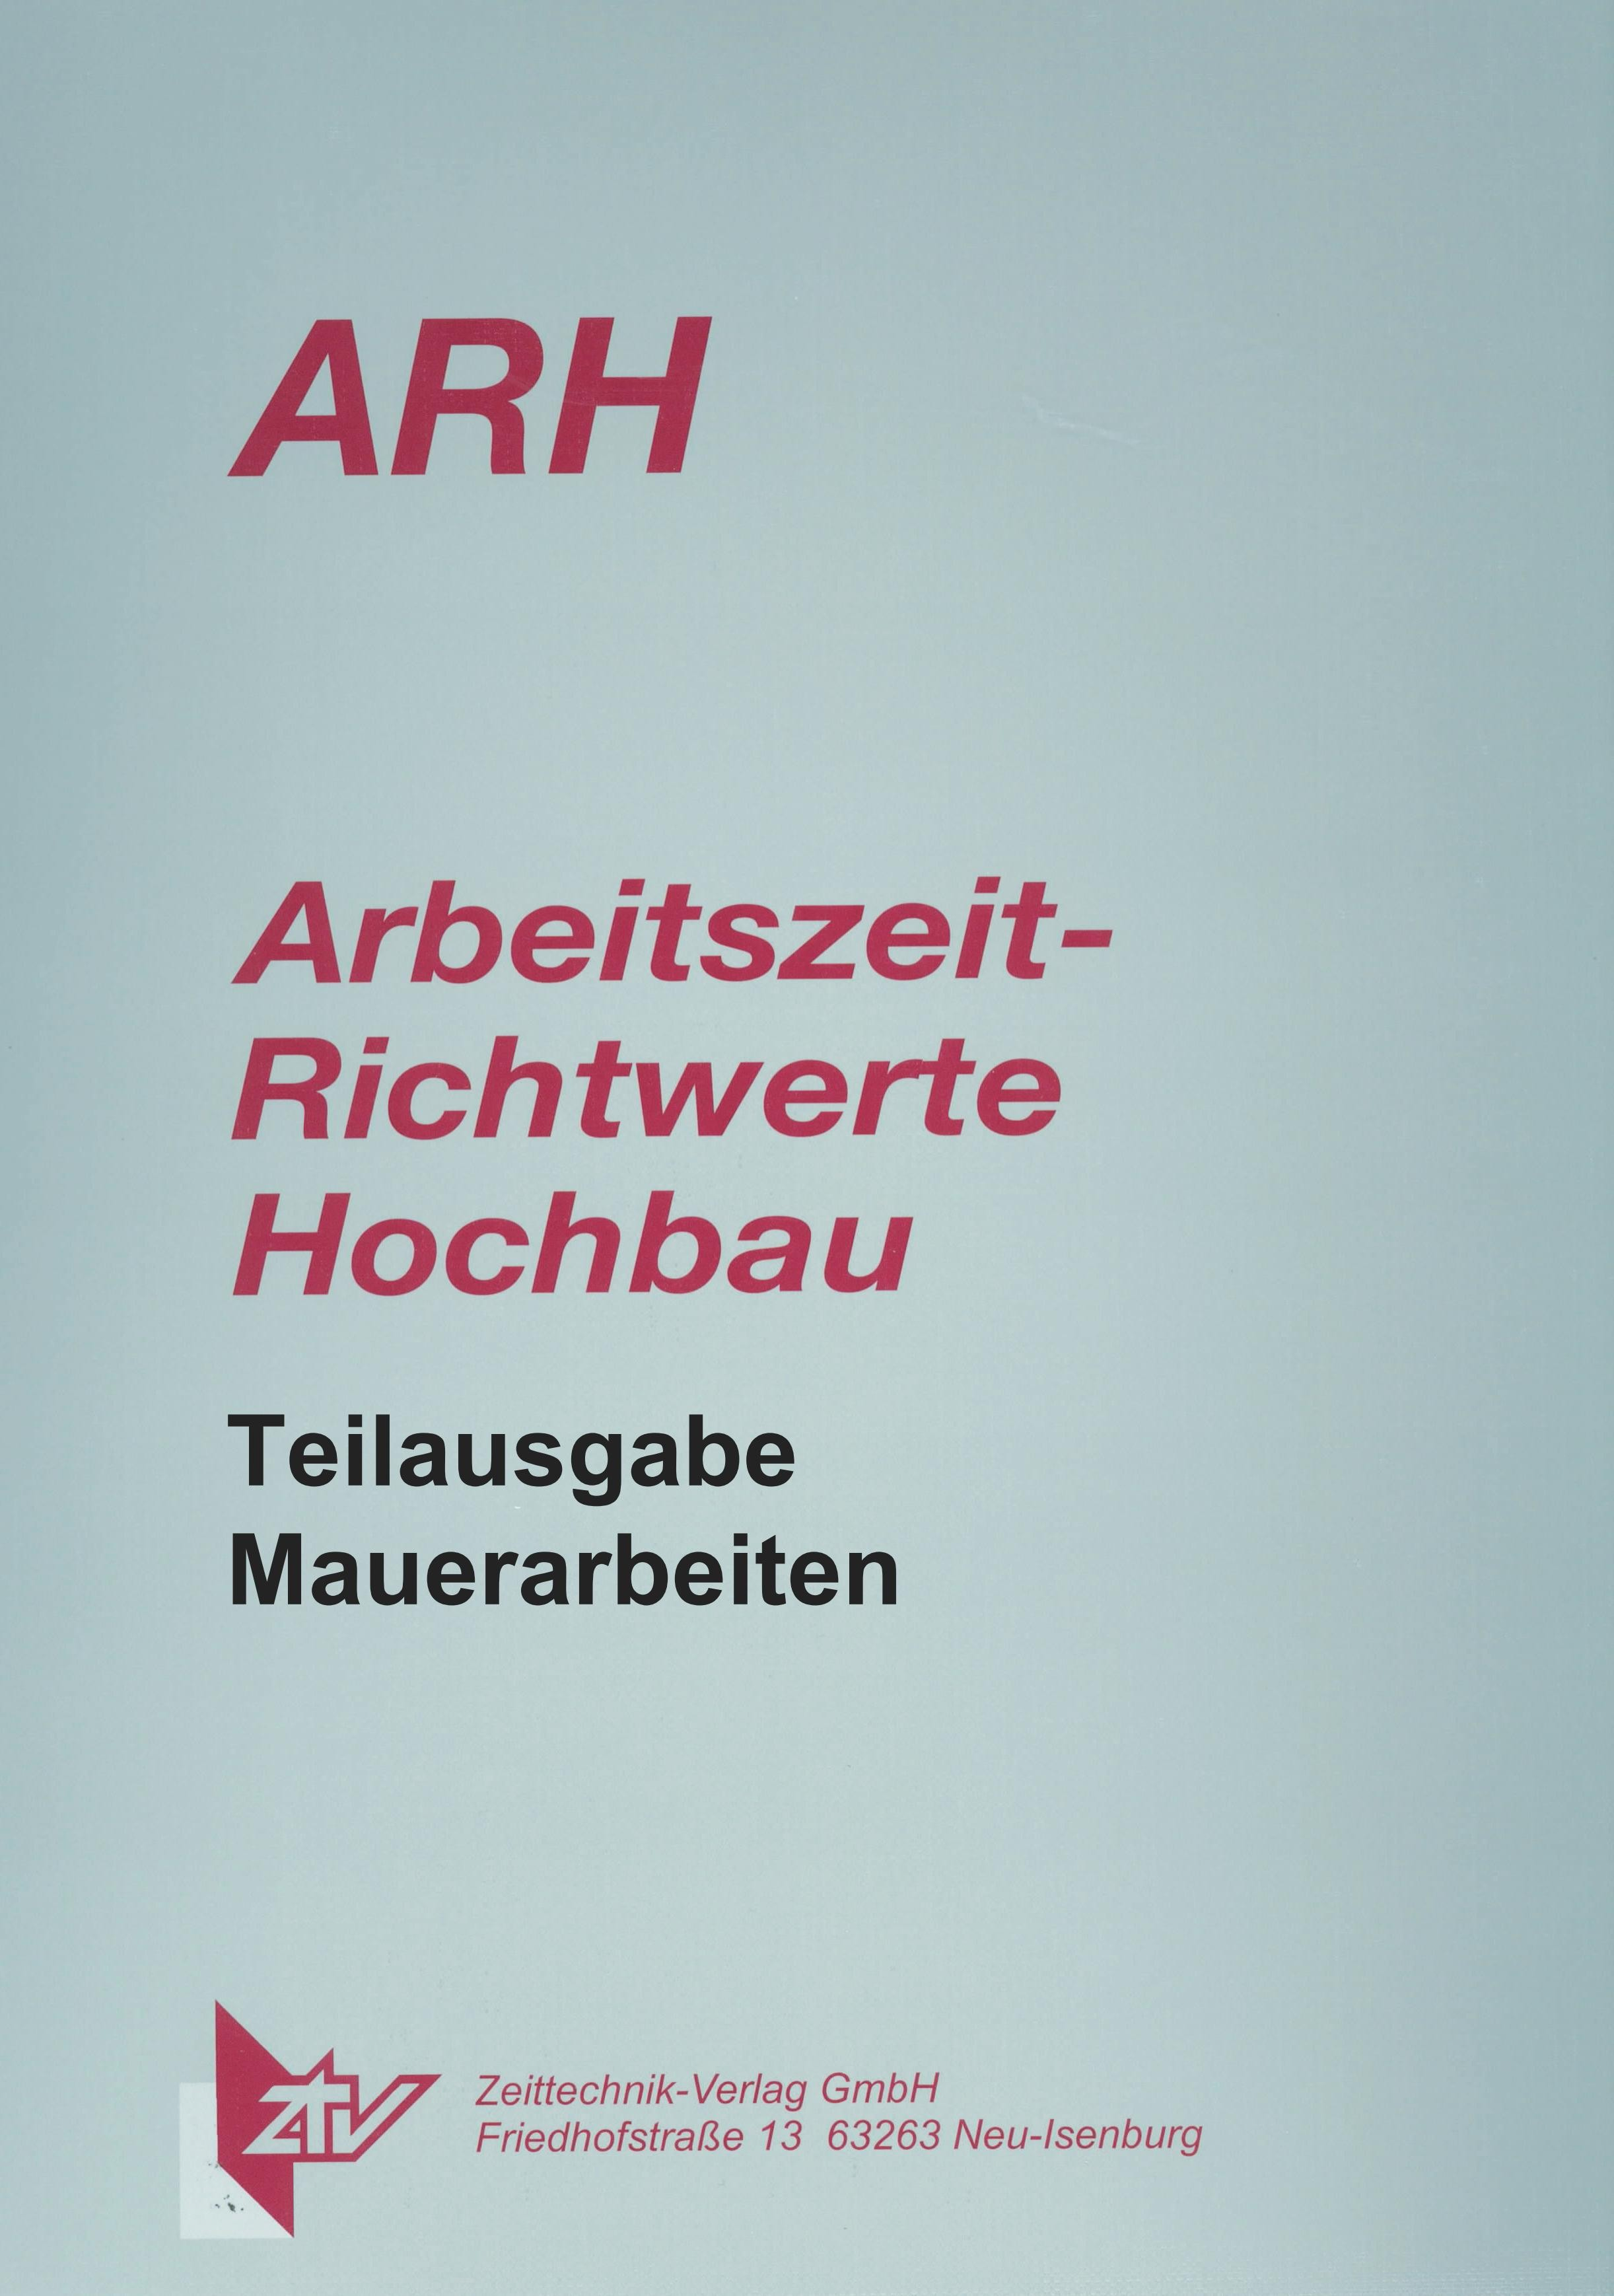 ARH Teilausgabe Mauerarbeiten und WDVS